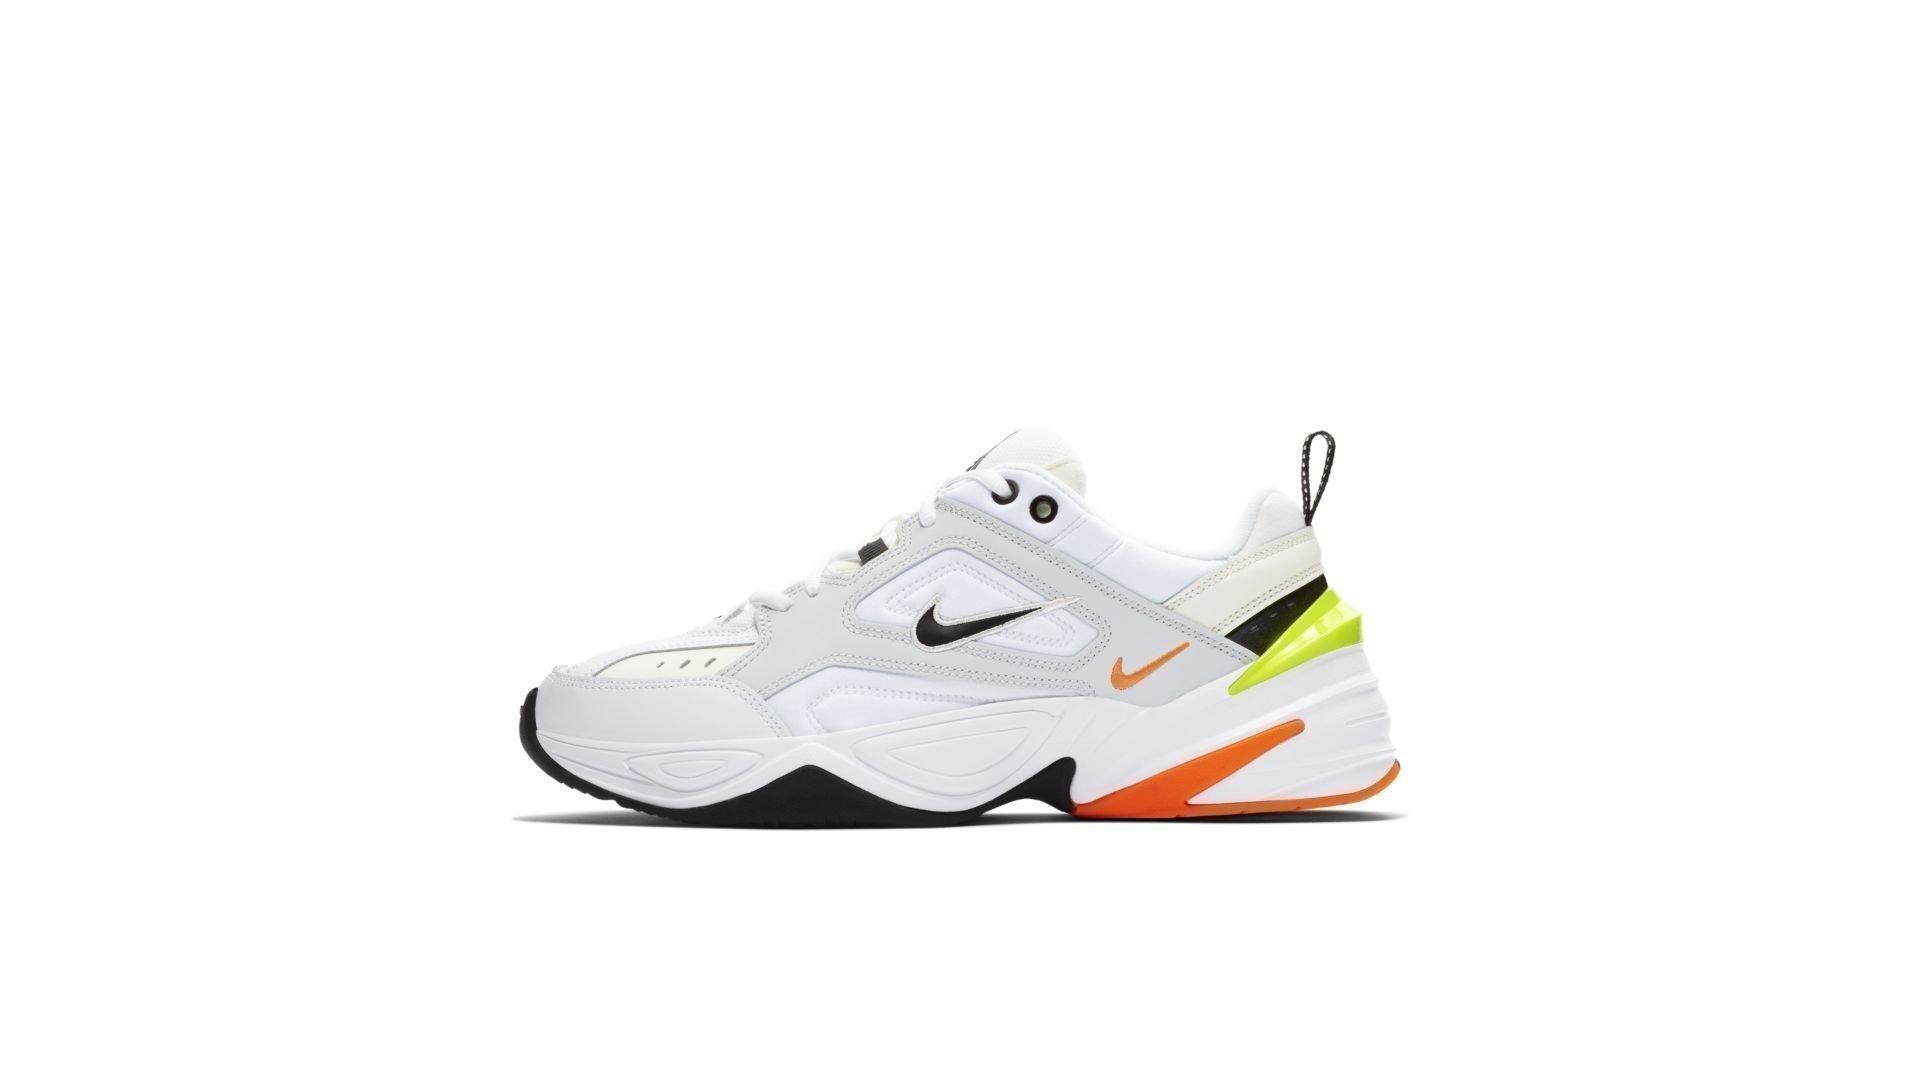 Sneaker AV4789-004